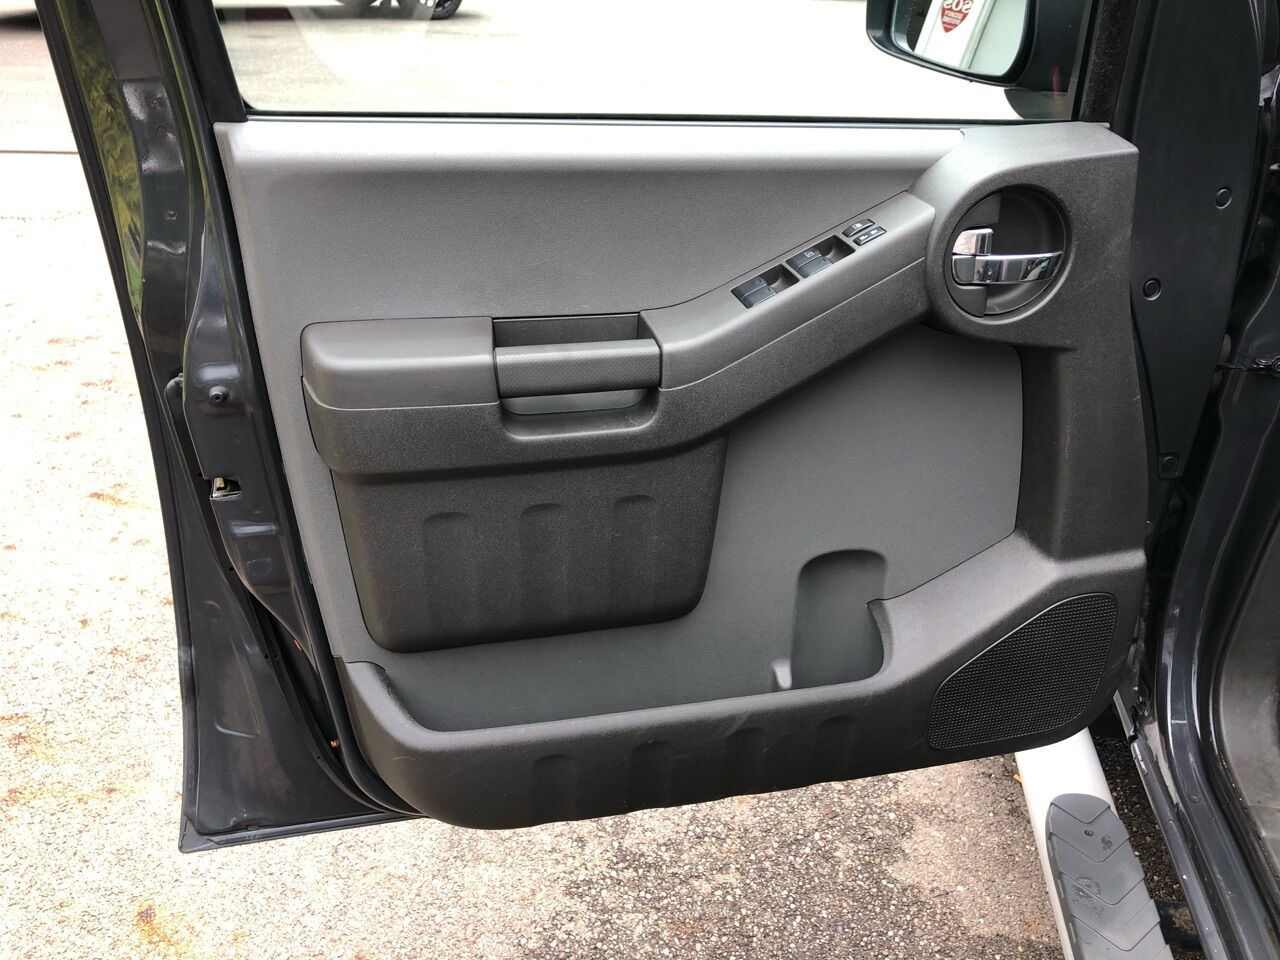 2015 Nissan Xterra Sport Utility